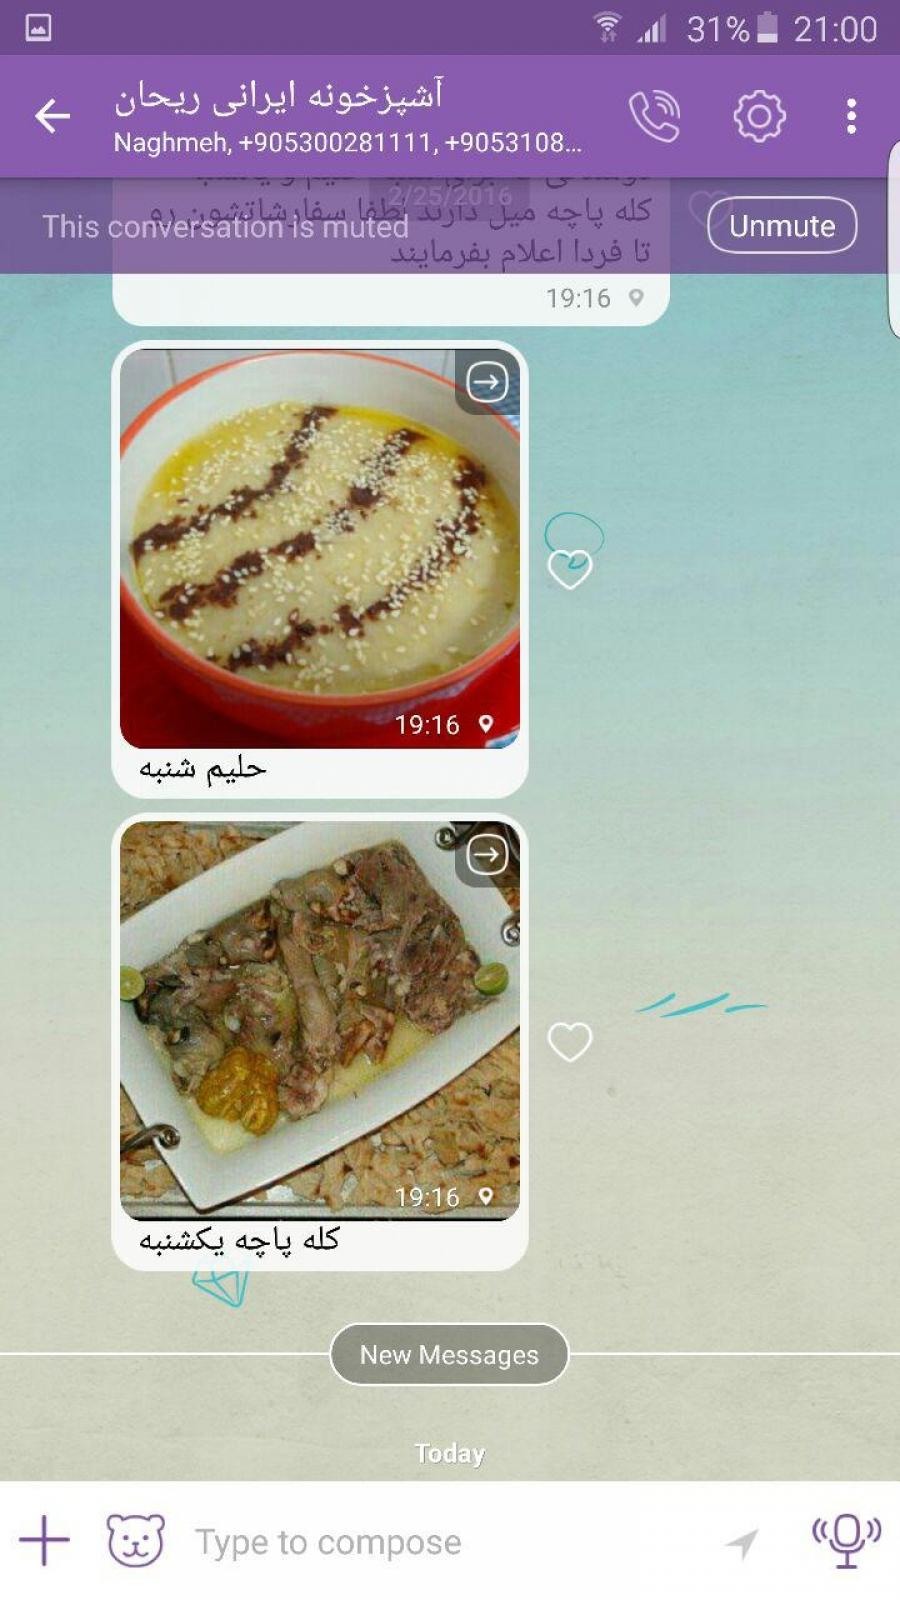 آشپزخانه ایرانی در استانبول